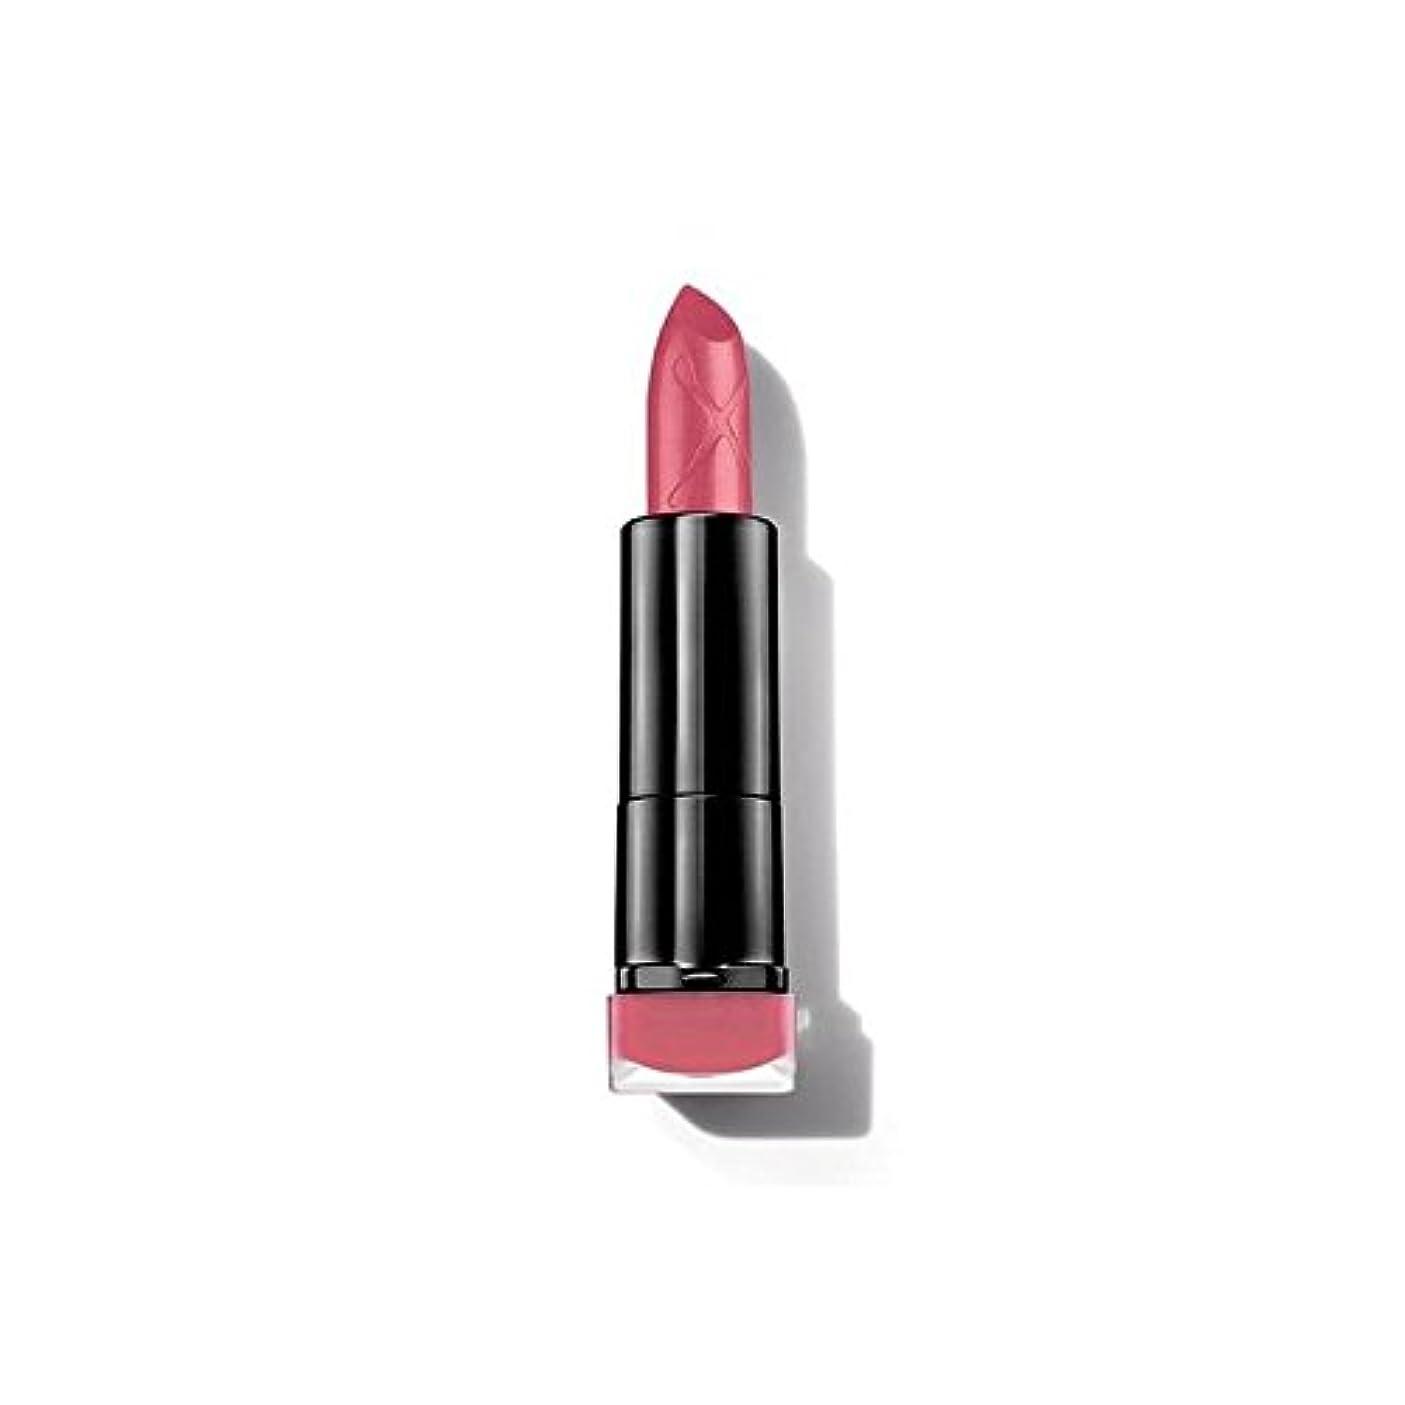 言語被害者精通したマックスファクターカラーエリキシルマット弾丸の口紅は、20ローズ x2 - Max Factor Colour Elixir Matte Bullet Lipstick Rose 20 (Pack of 2) [並行輸入品]